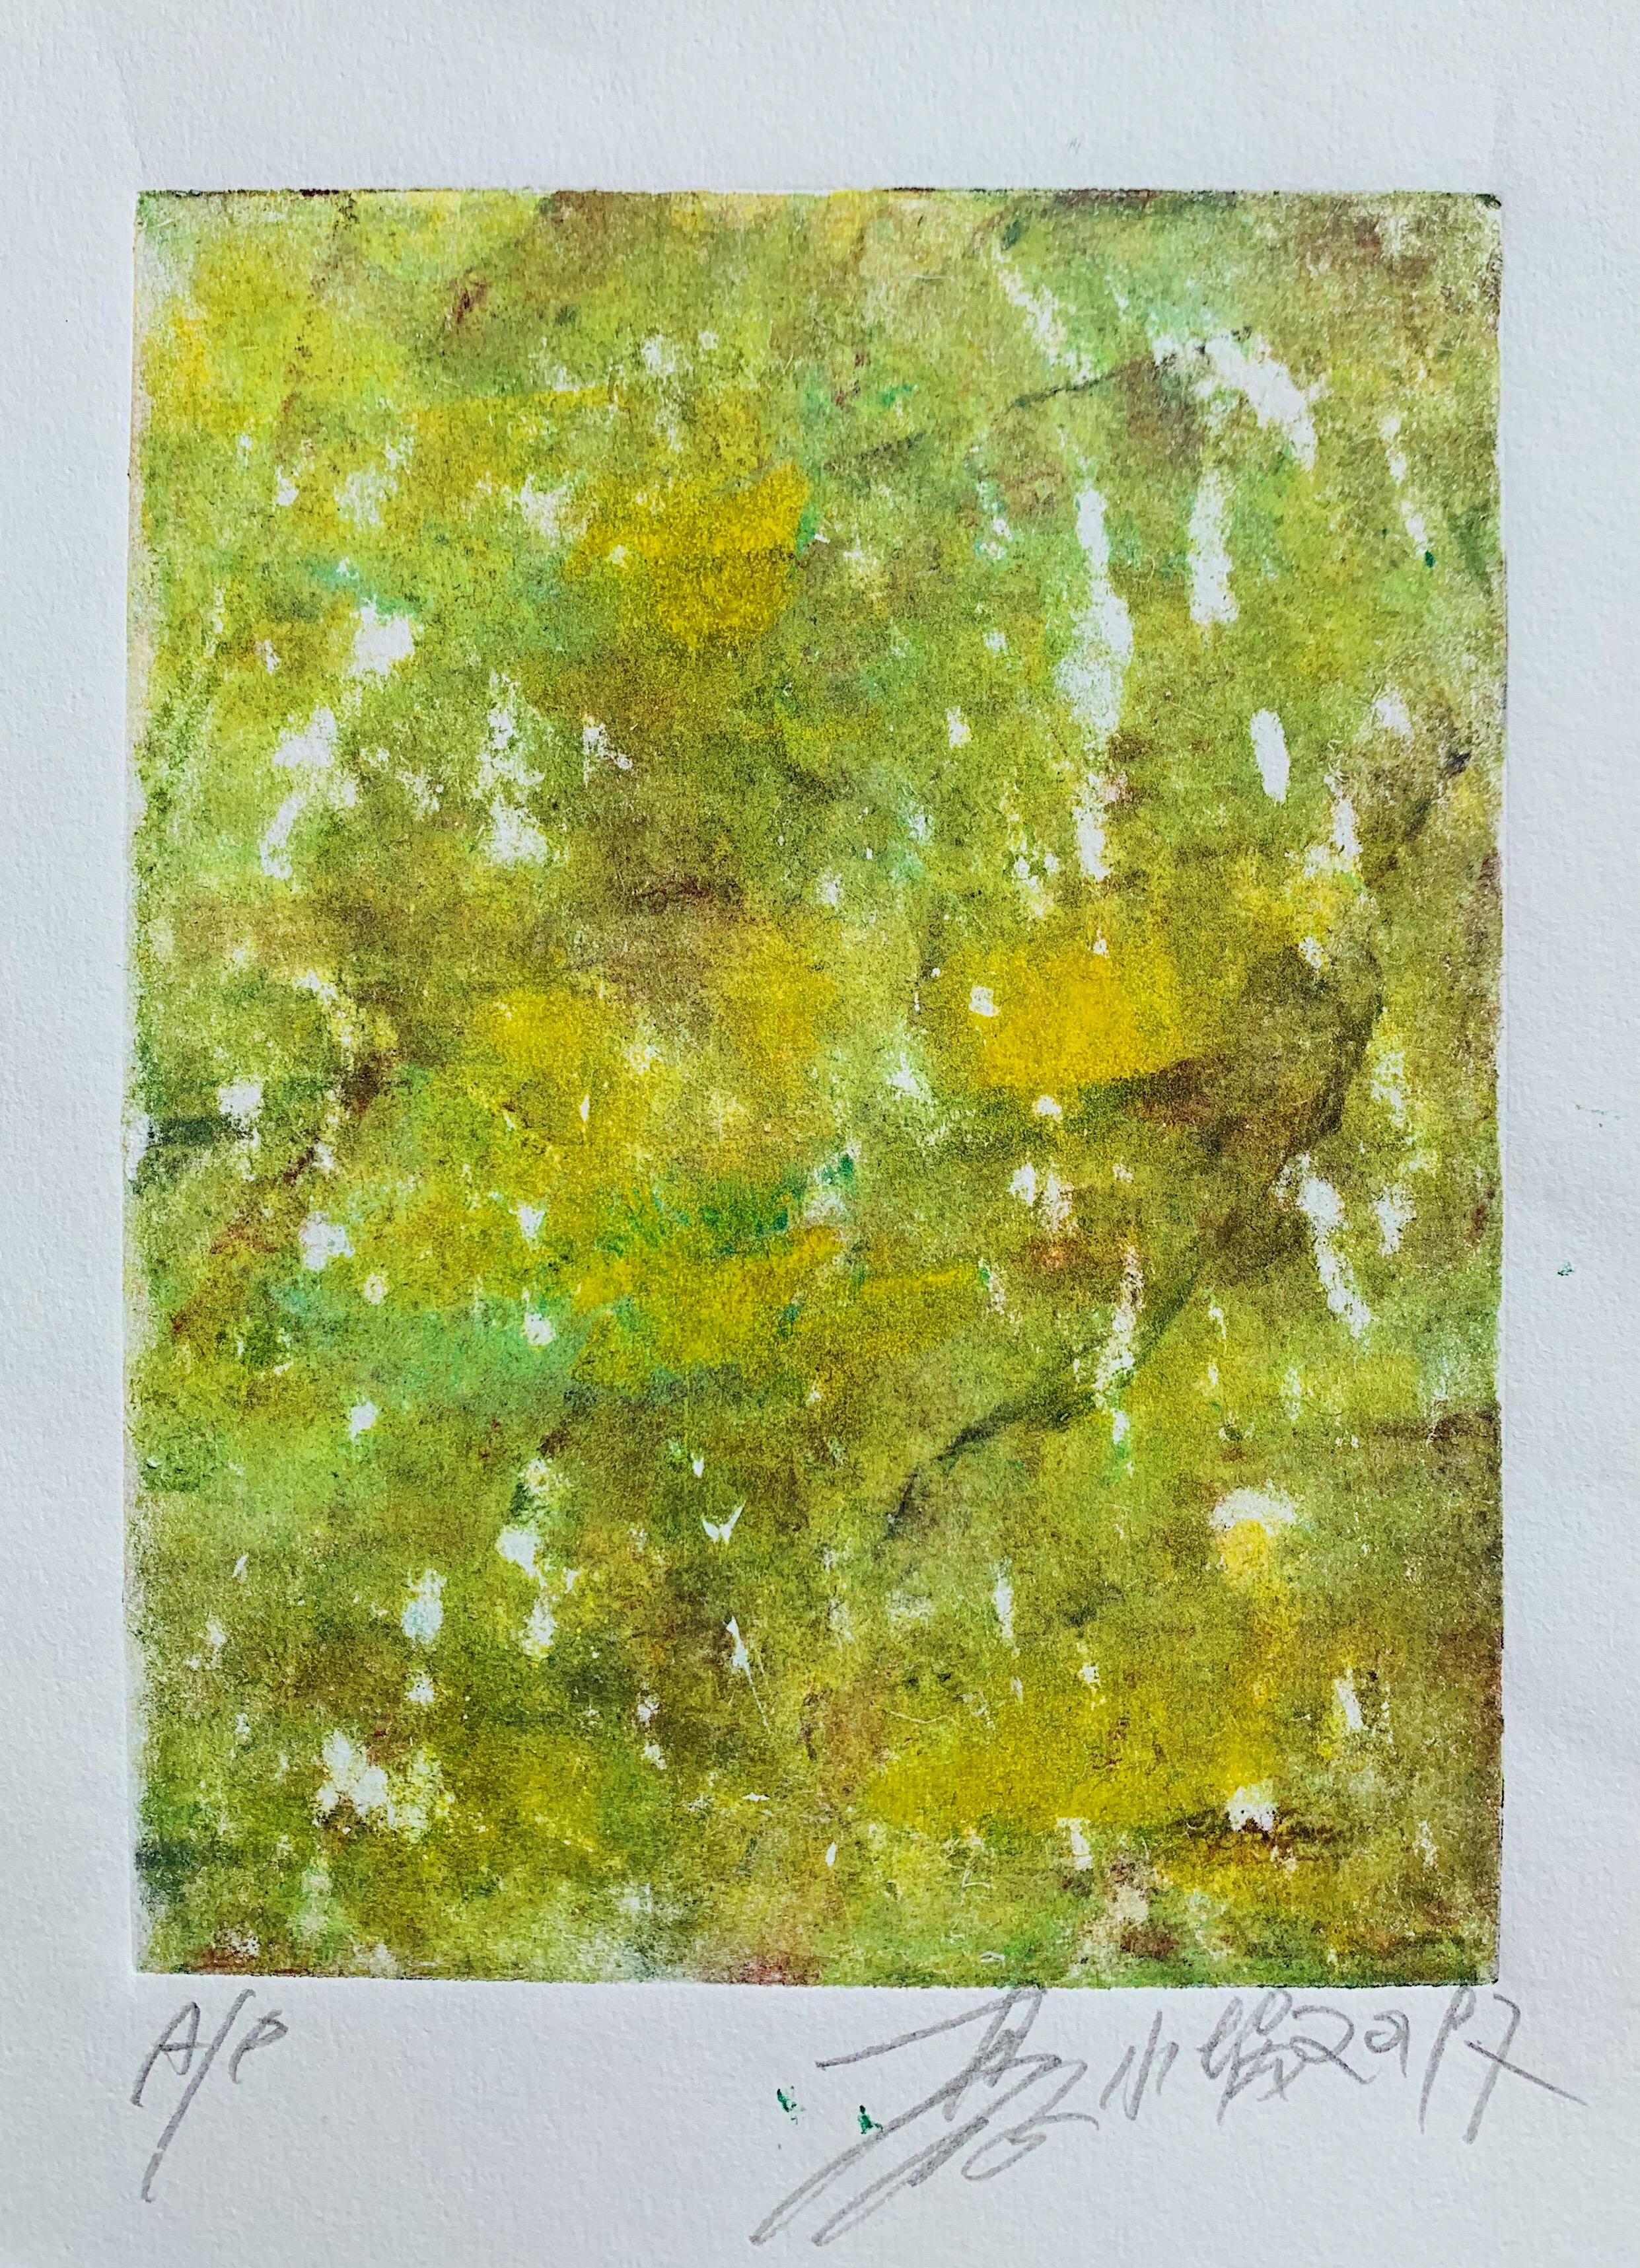 海系列独幅版画原稿 艺术签名 收藏礼物 装饰摆挂